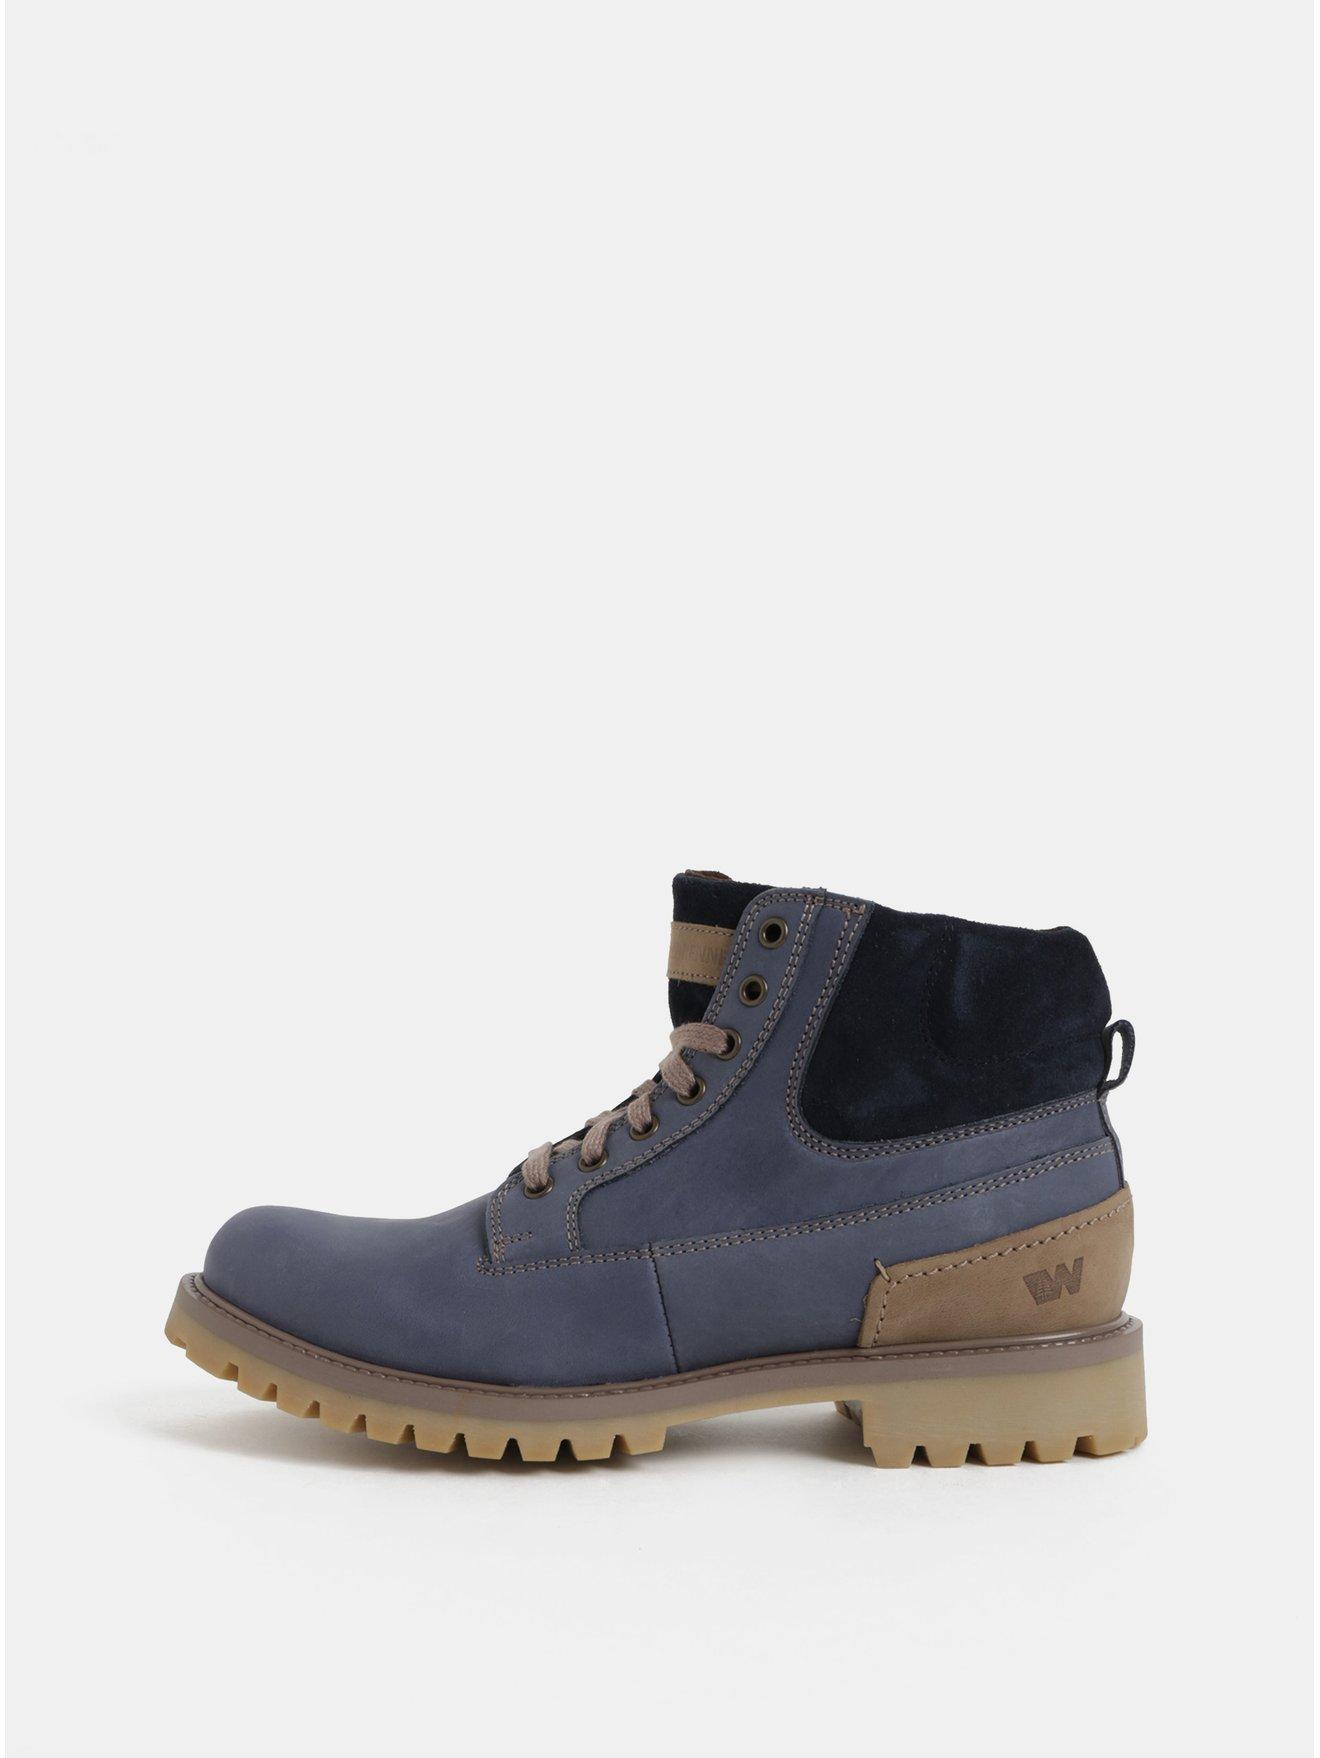 Modré pánské kožené kotníkové zimní boty se semišovými detaily Weinbrenner 09dfc28605a